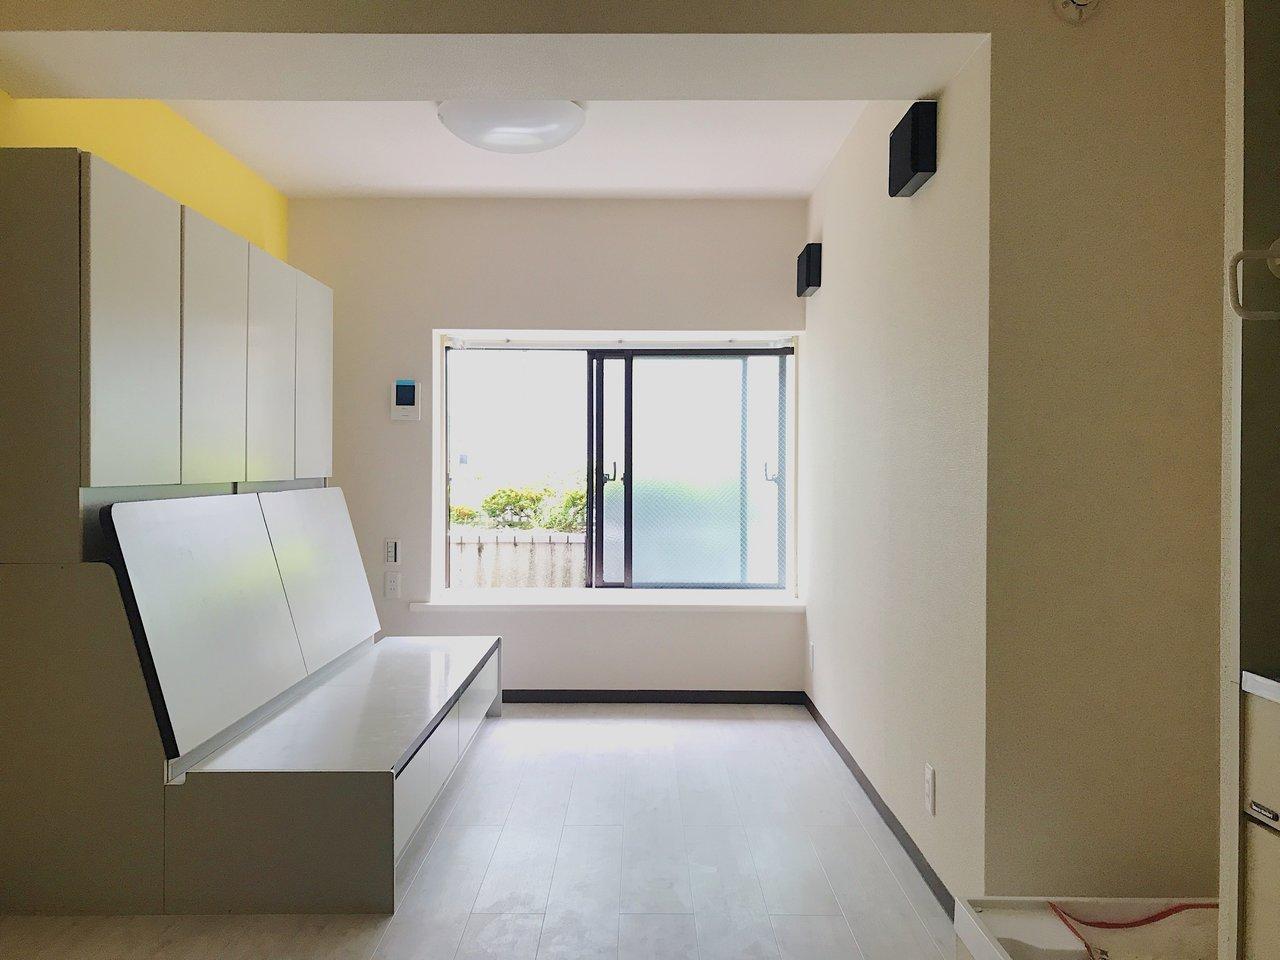 大きなクローク付きのソファベッドがあるお部屋です。黄色のアクセントクロスが実に爽やかです。木目調の浴室の壁もポイント!